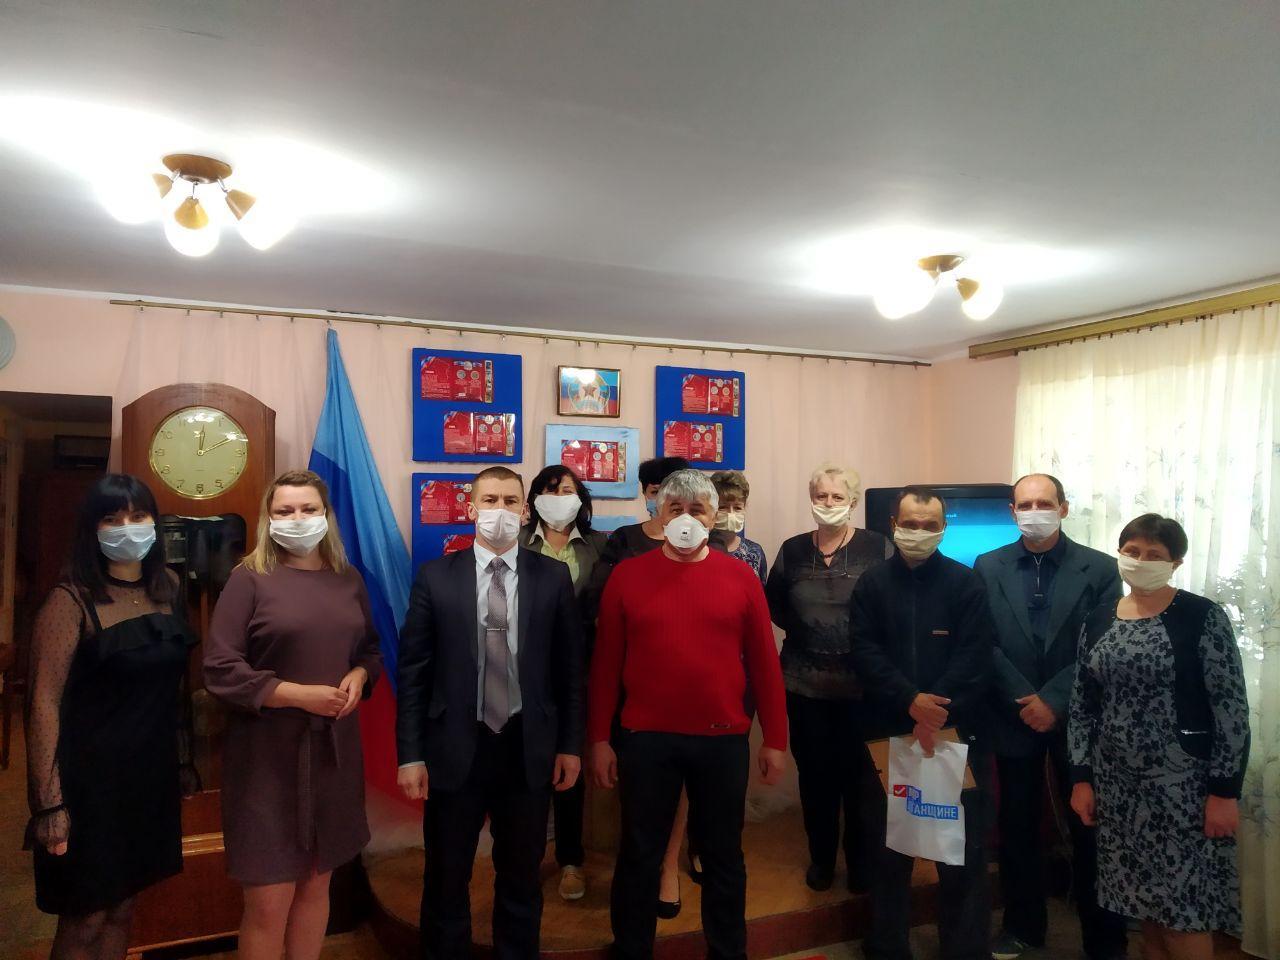 Активисты ОД «Мир Луганщине» поздравили работников музея с профессиональным праздником в Первомайске